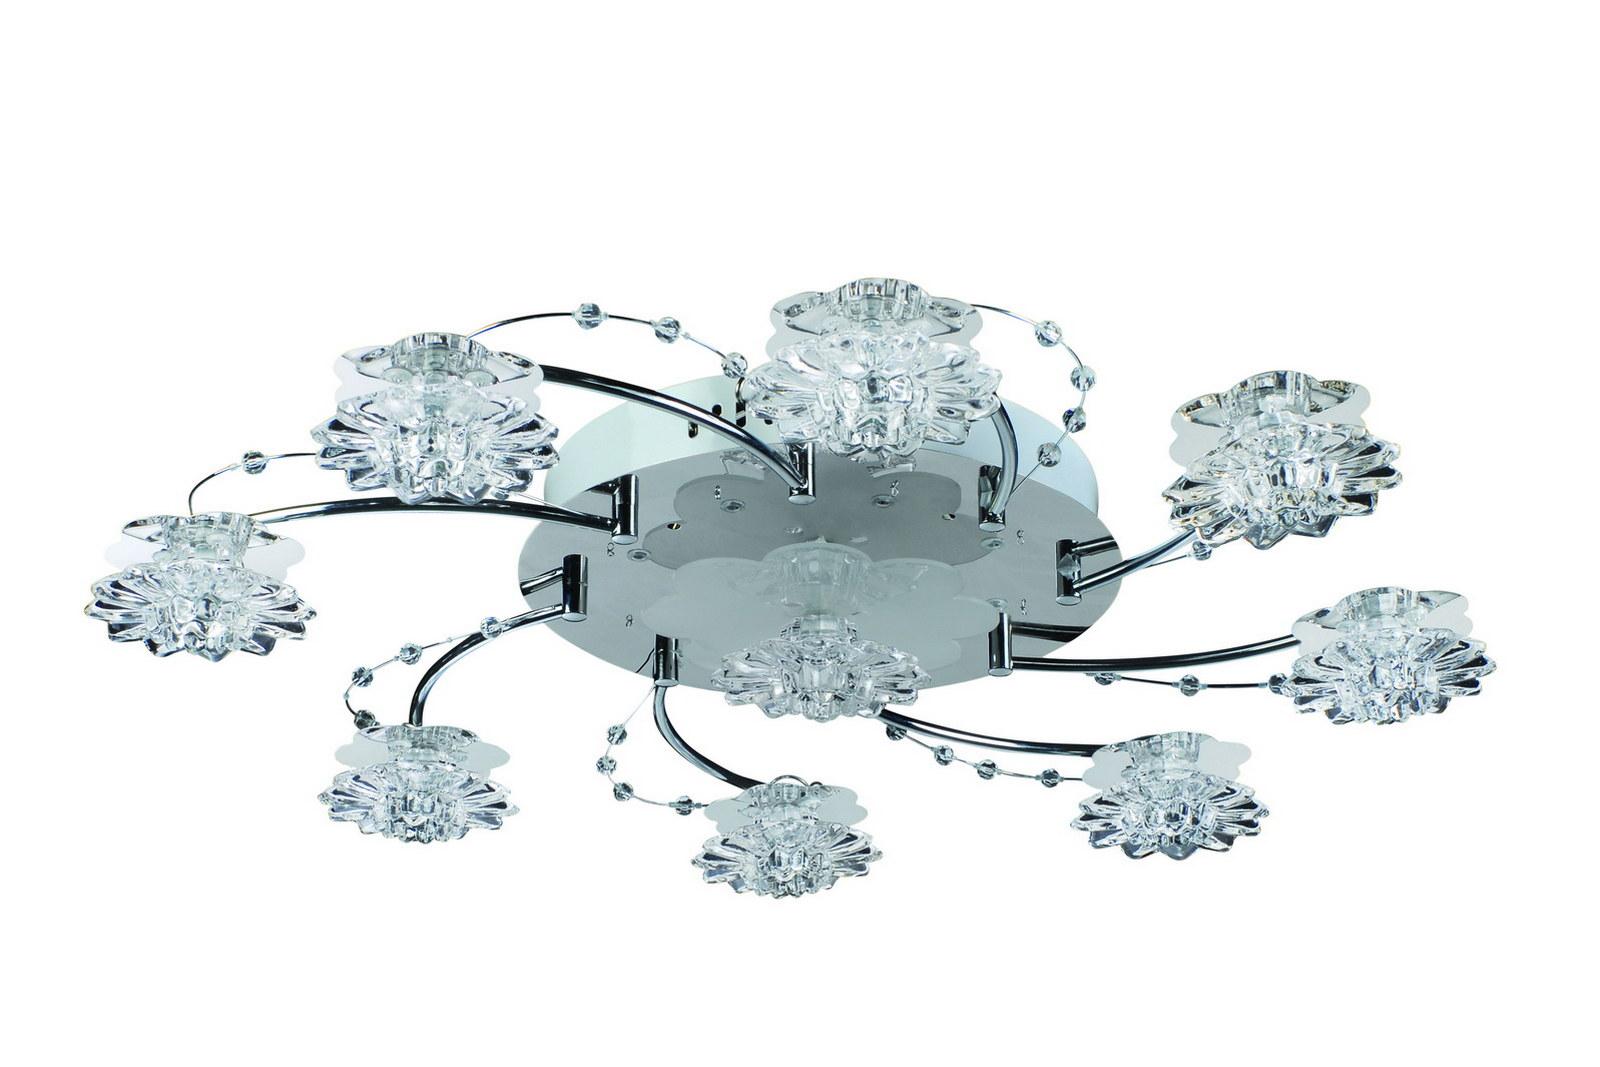 Люстра МАКСИСВЕТ - МАКСИСВЕТЛюстры<br>Назначение светильника: для гостиной,<br>Стиль светильника: флористика,<br>Тип: потолочная,<br>Материал светильника: металл, стекло,<br>Материал плафона: стекло,<br>Материал арматуры: металл,<br>Длина (мм): 700,<br>Ширина: 700,<br>Высота: 120,<br>Количество ламп: 9,<br>Тип лампы: галогенные и светодиодные,<br>Мощность: 20,<br>Патрон: G4,<br>Пульт ДУ: есть,<br>Цвет арматуры: хром<br>